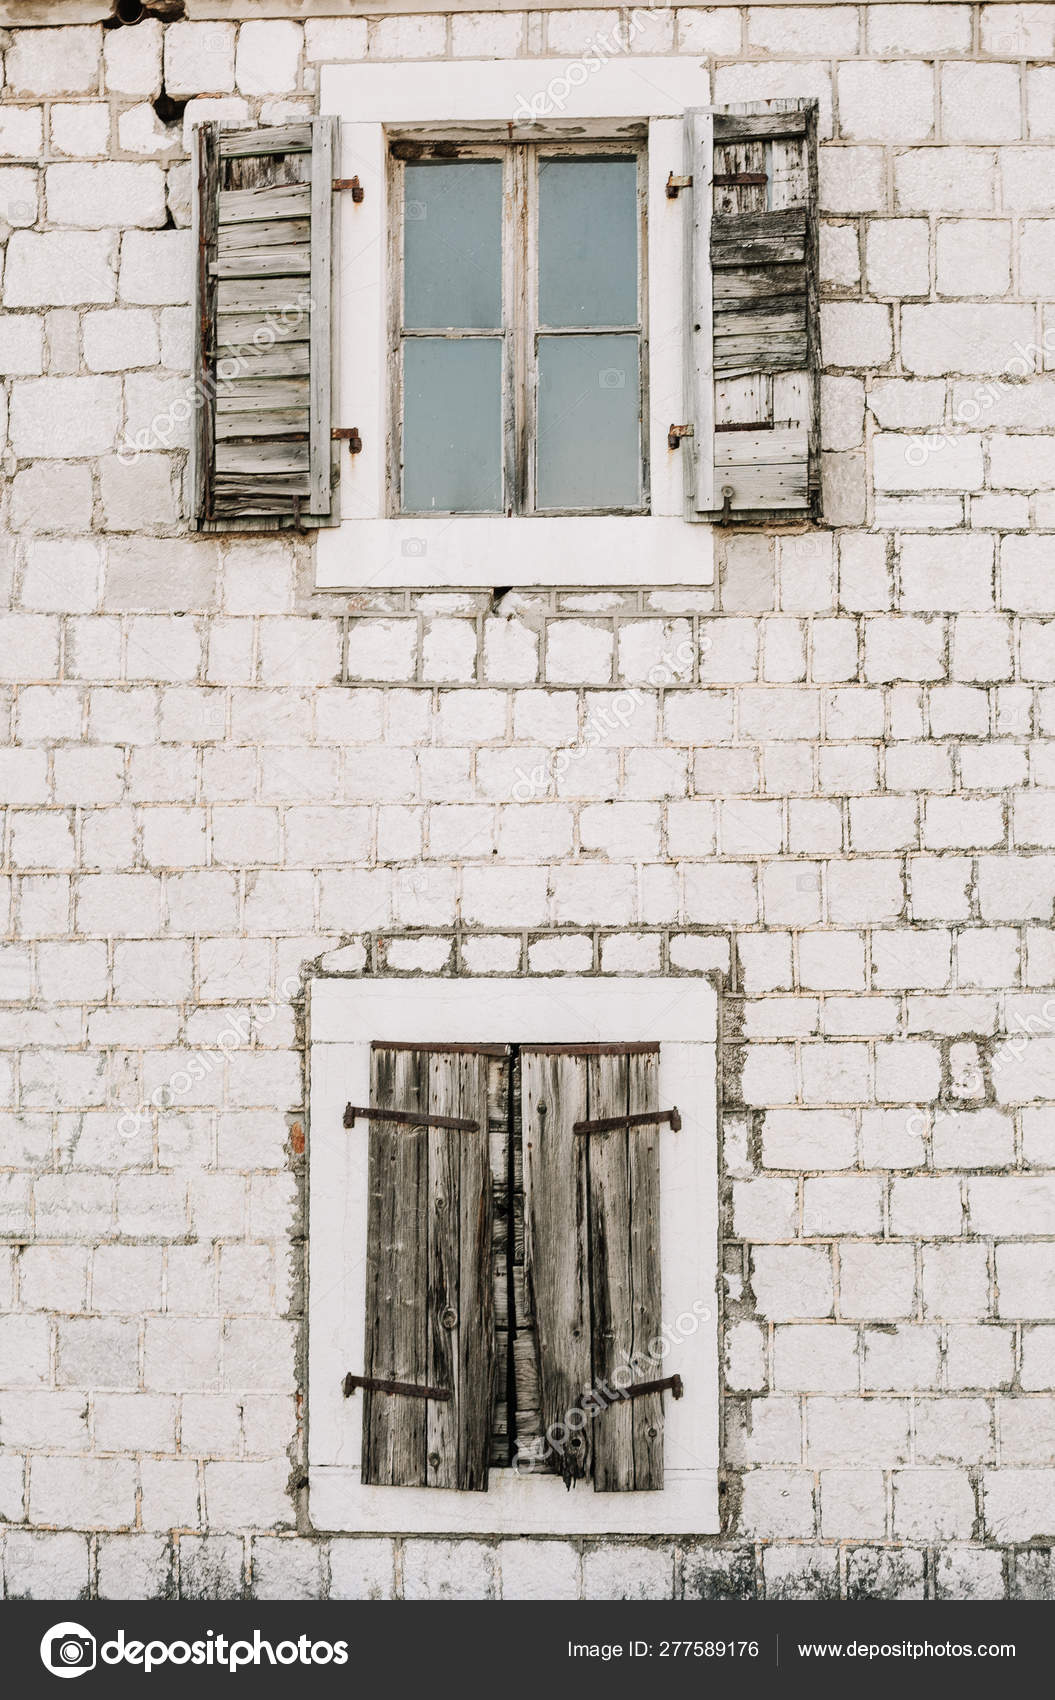 Arquitectura Histórica Del Edificio Textura Antigua Terraza